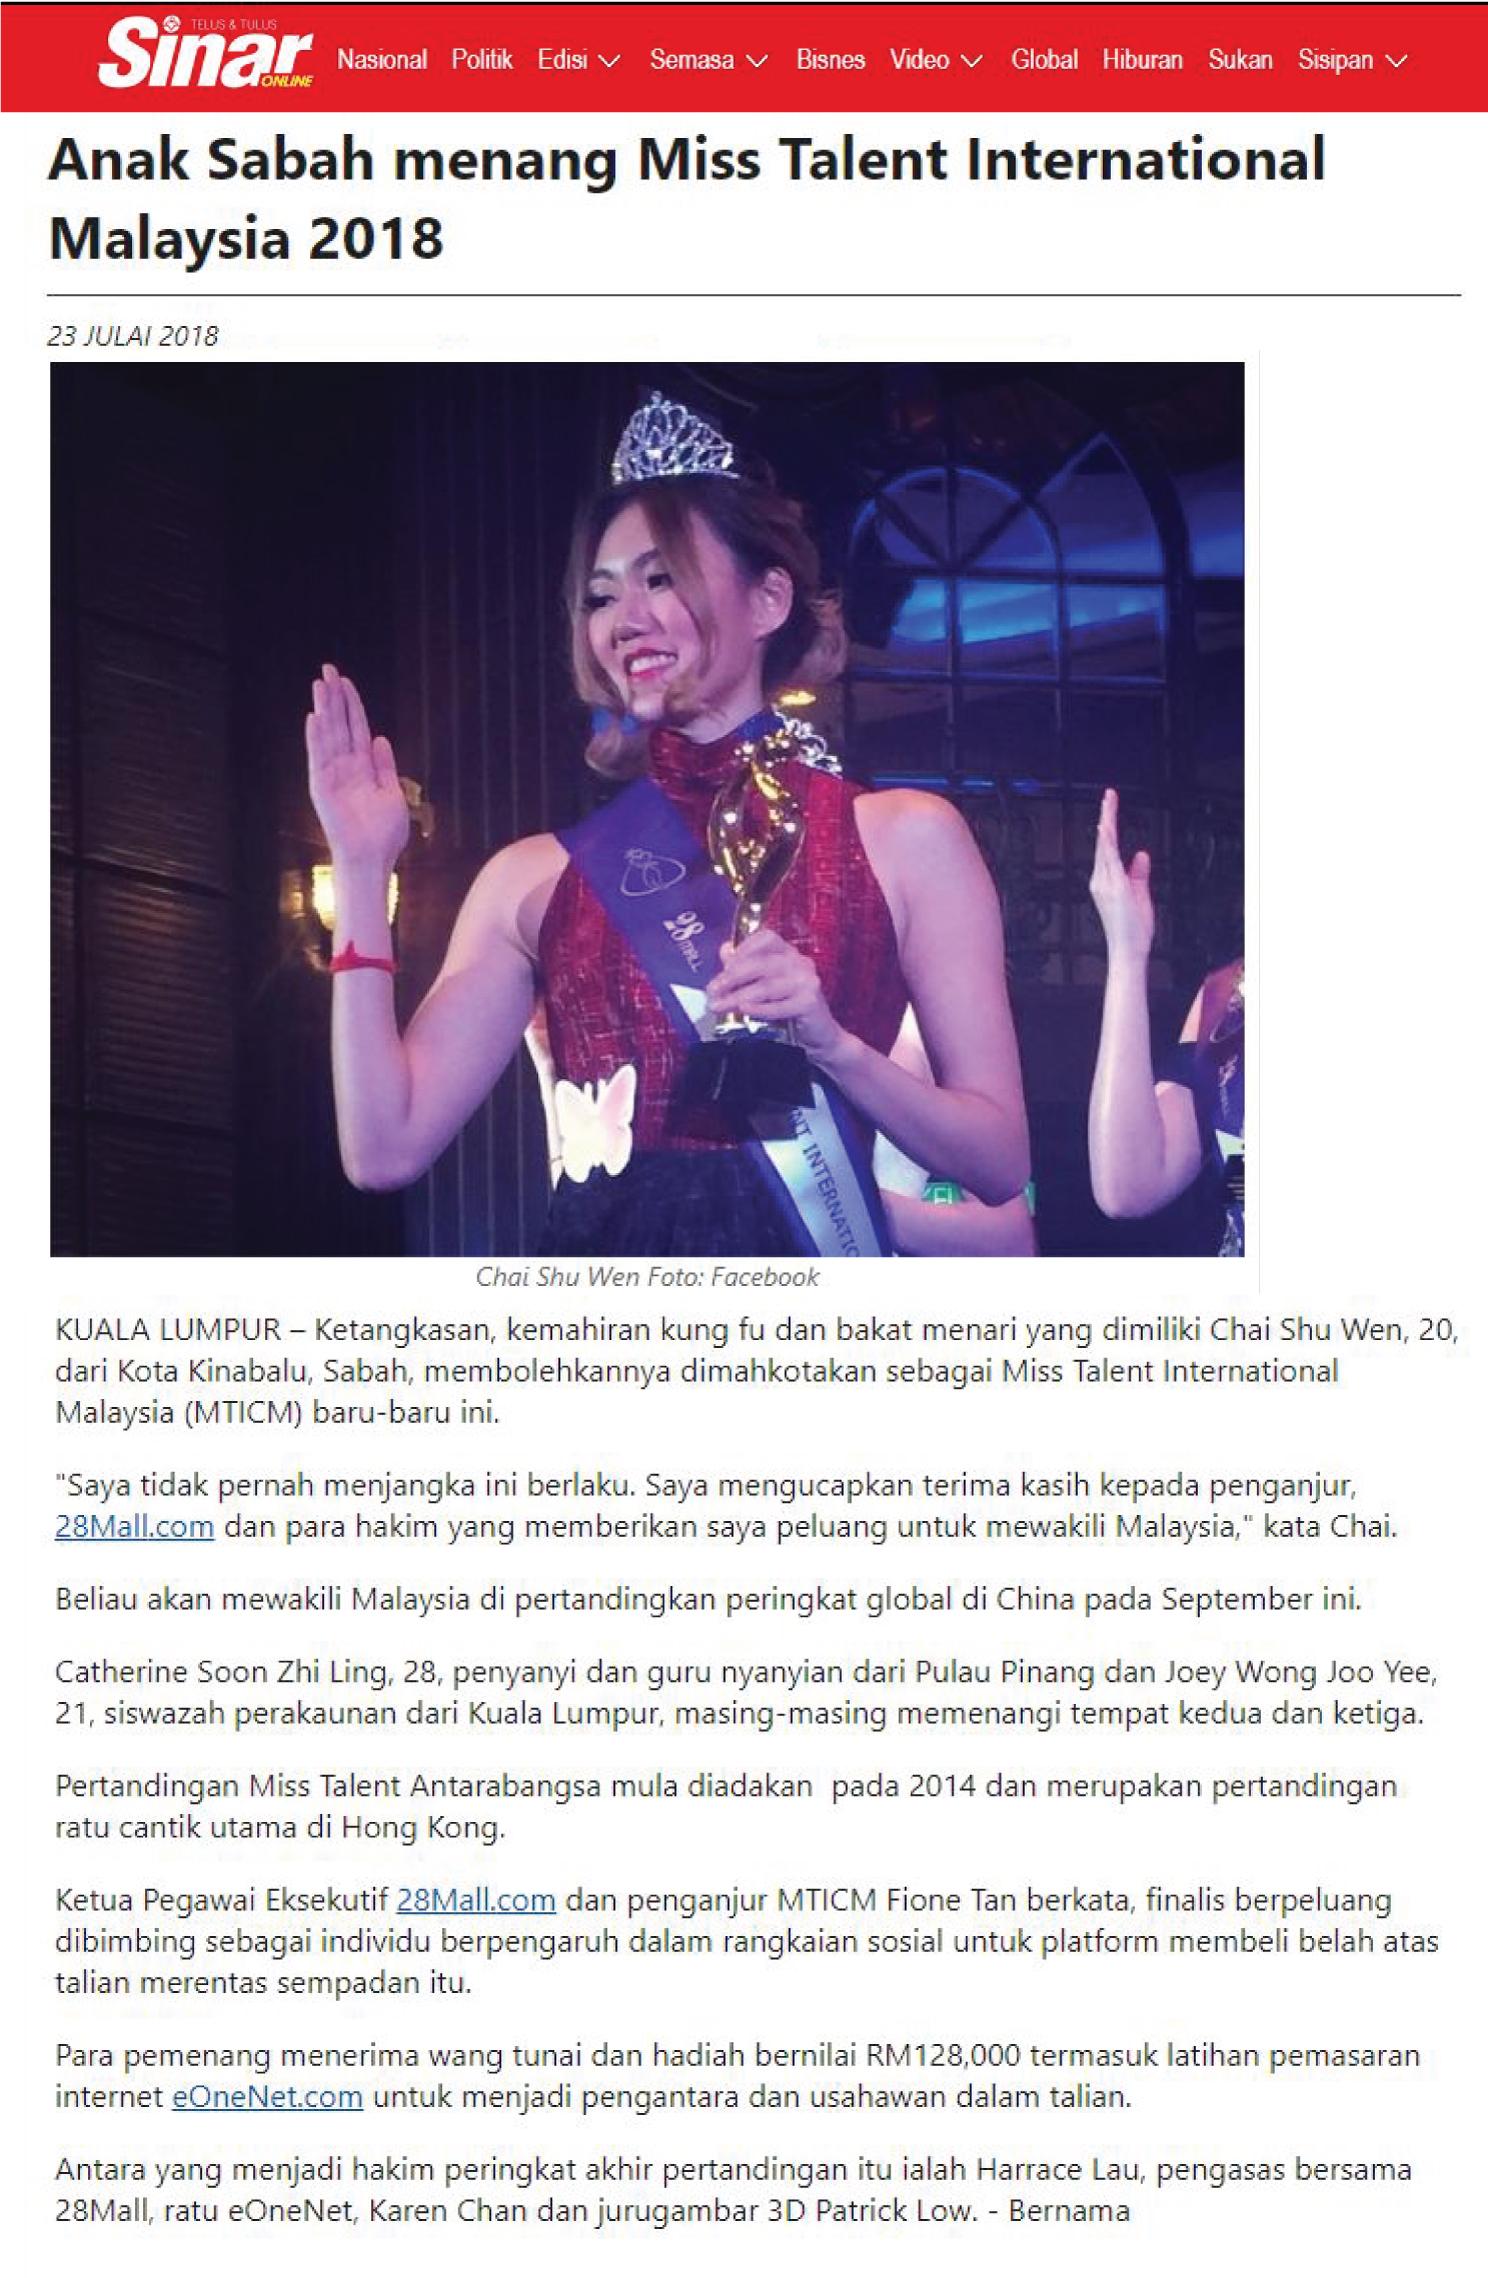 Anak Sabah menang Miss Talent International Malaysia 2018 by Sinar Harian